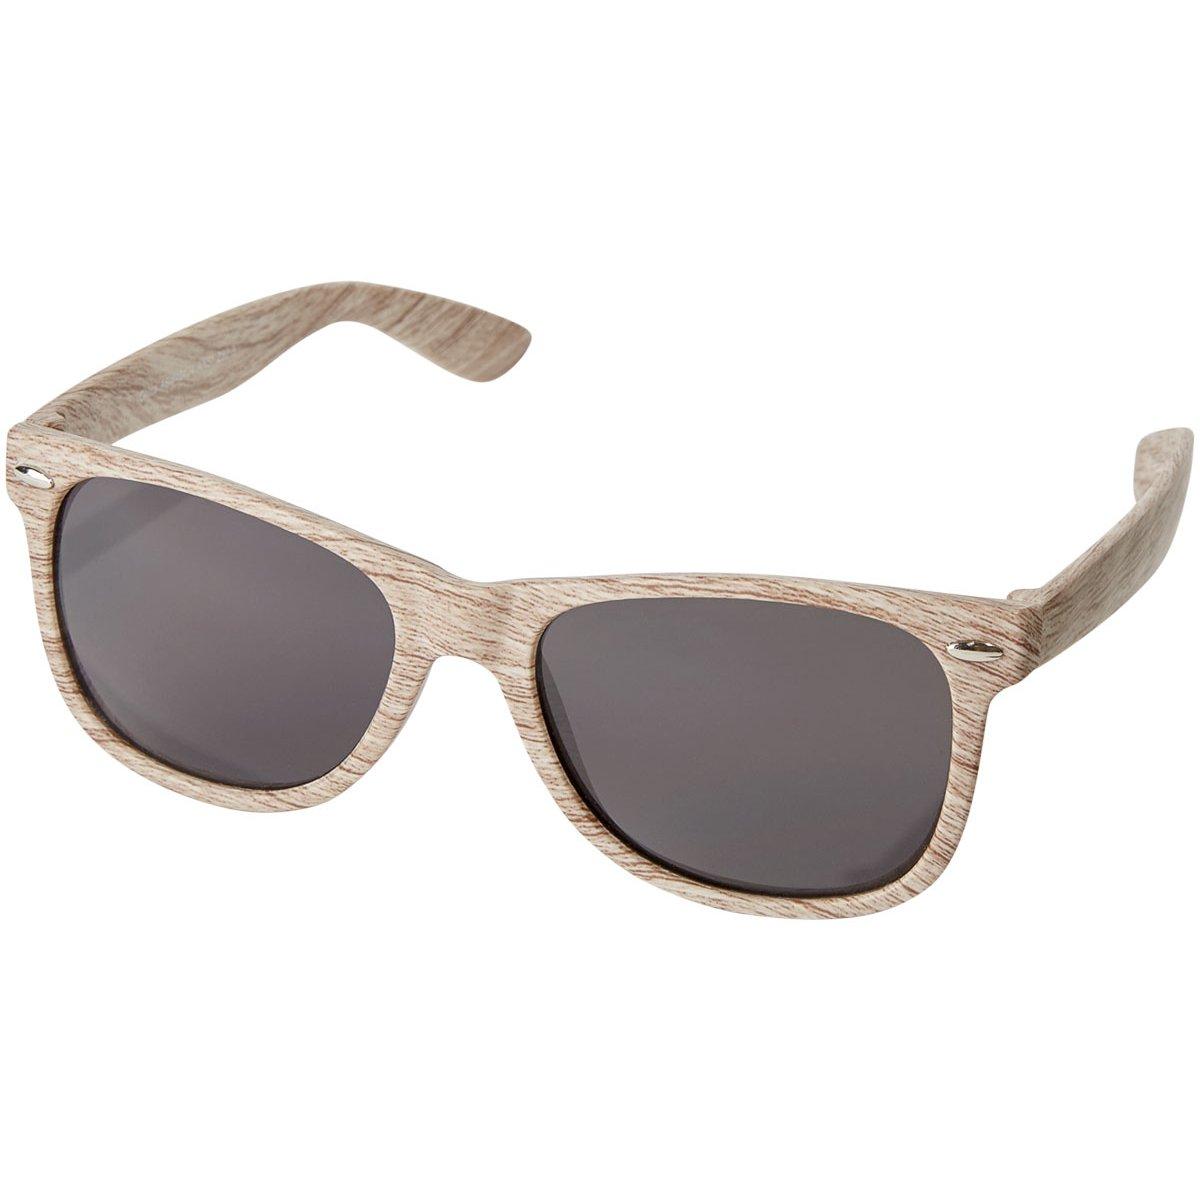 Bullet Allen sunglasses